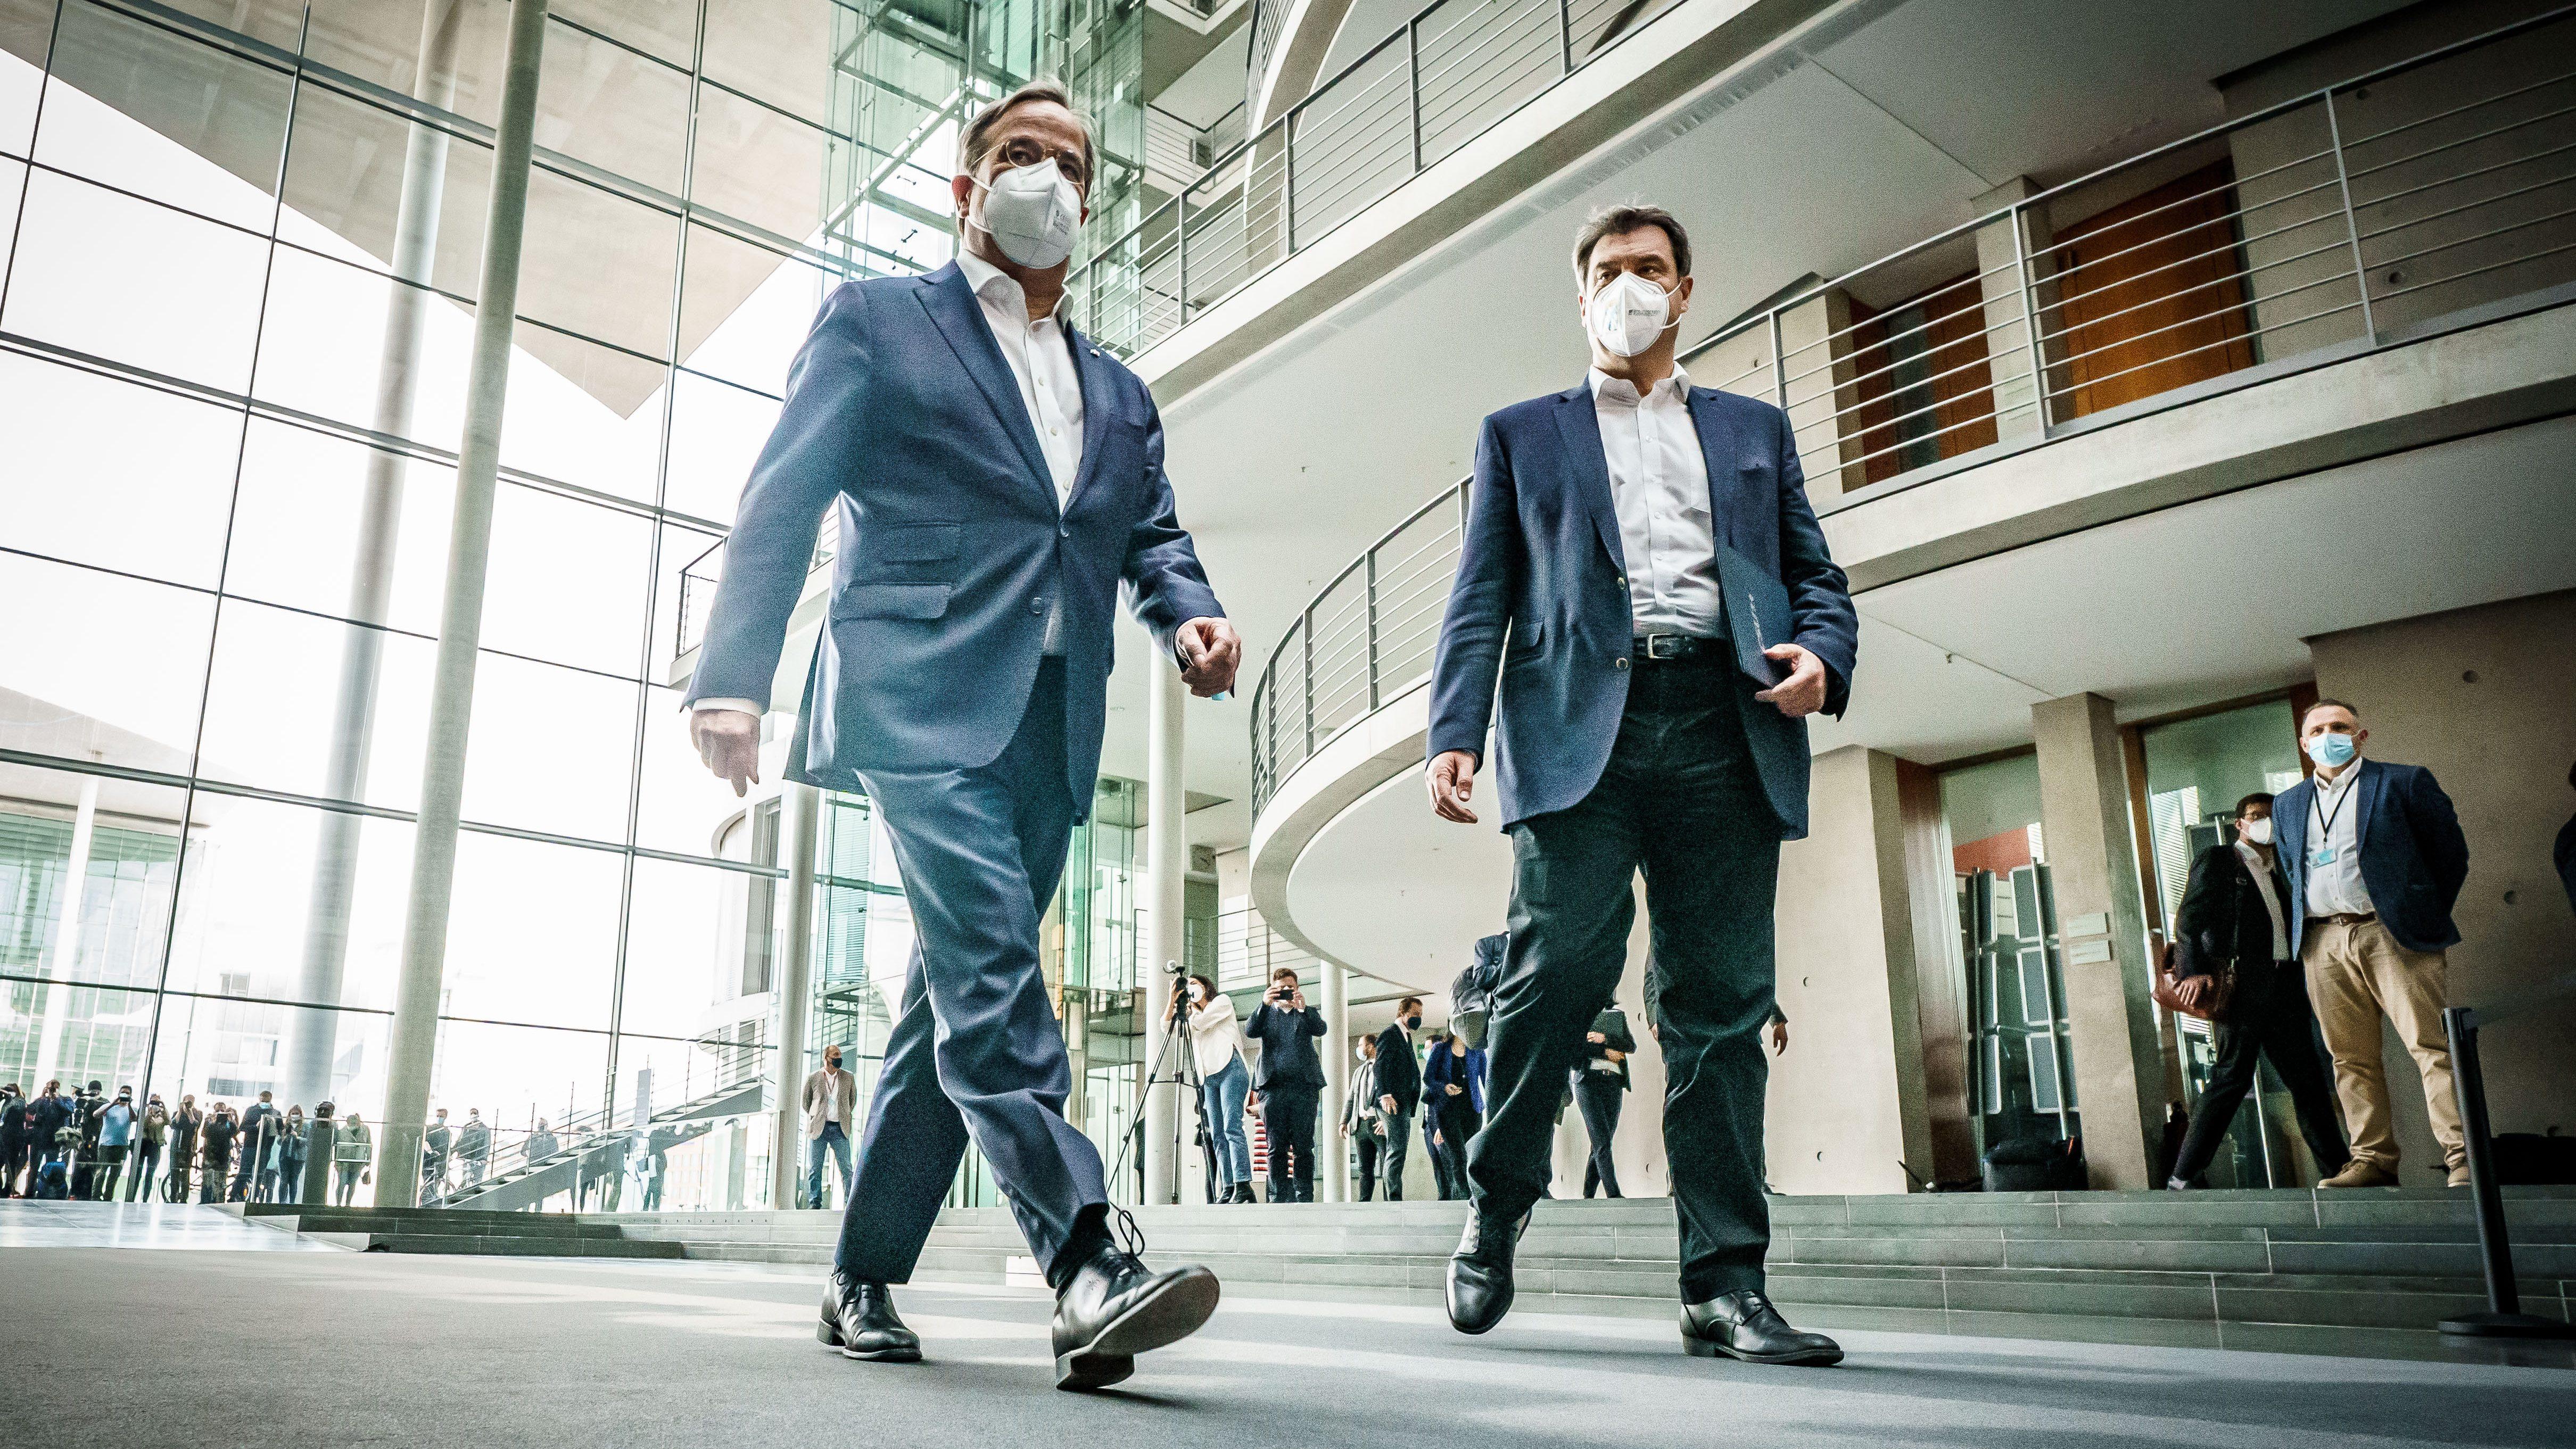 Armin Laschet y Markus Soeder, candidatos para sustituir a Merkel en Alemania.